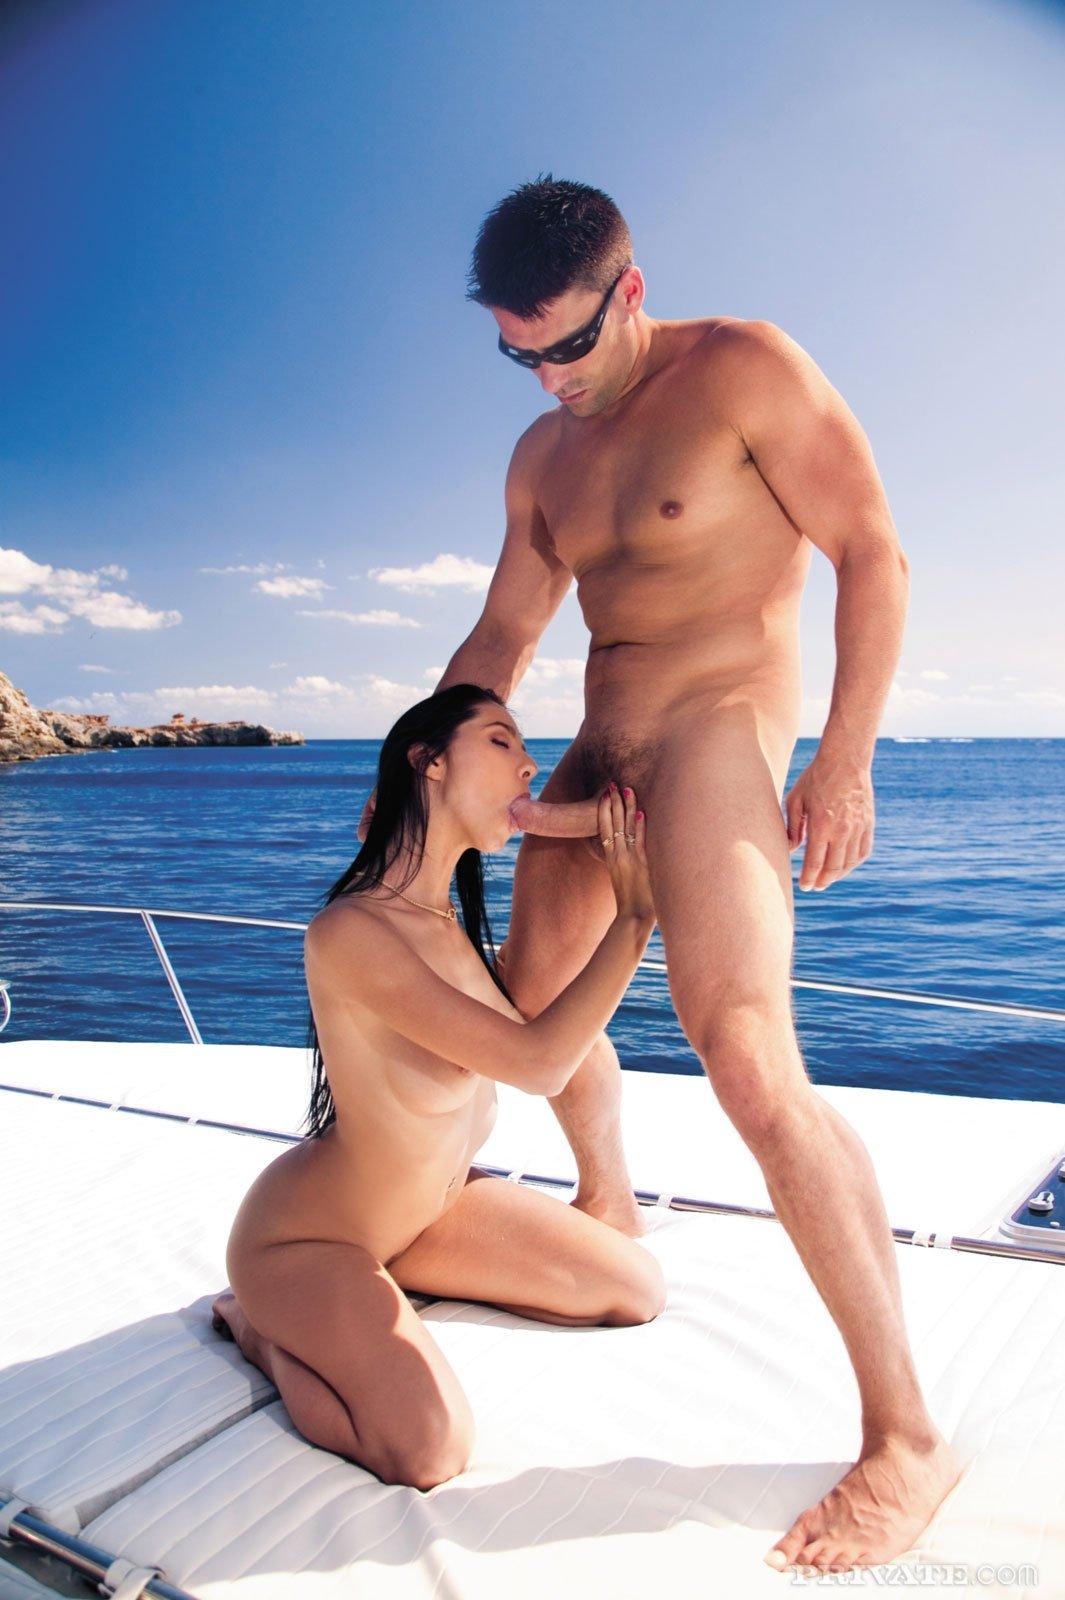 секс с двумя парнями на яхте а потом на берегу